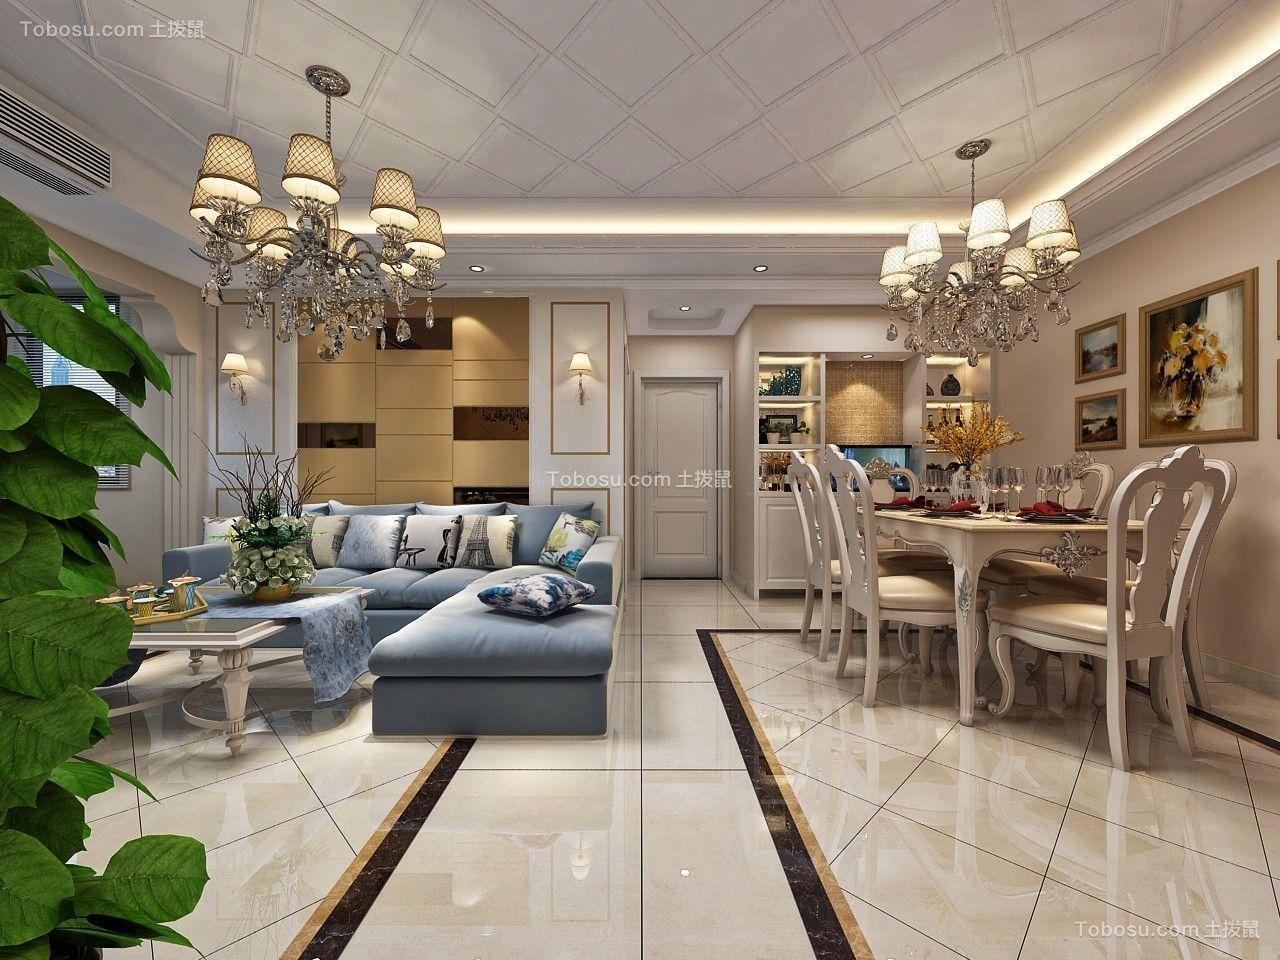 融桥悦城130平方欧式风格三居室装修效果图